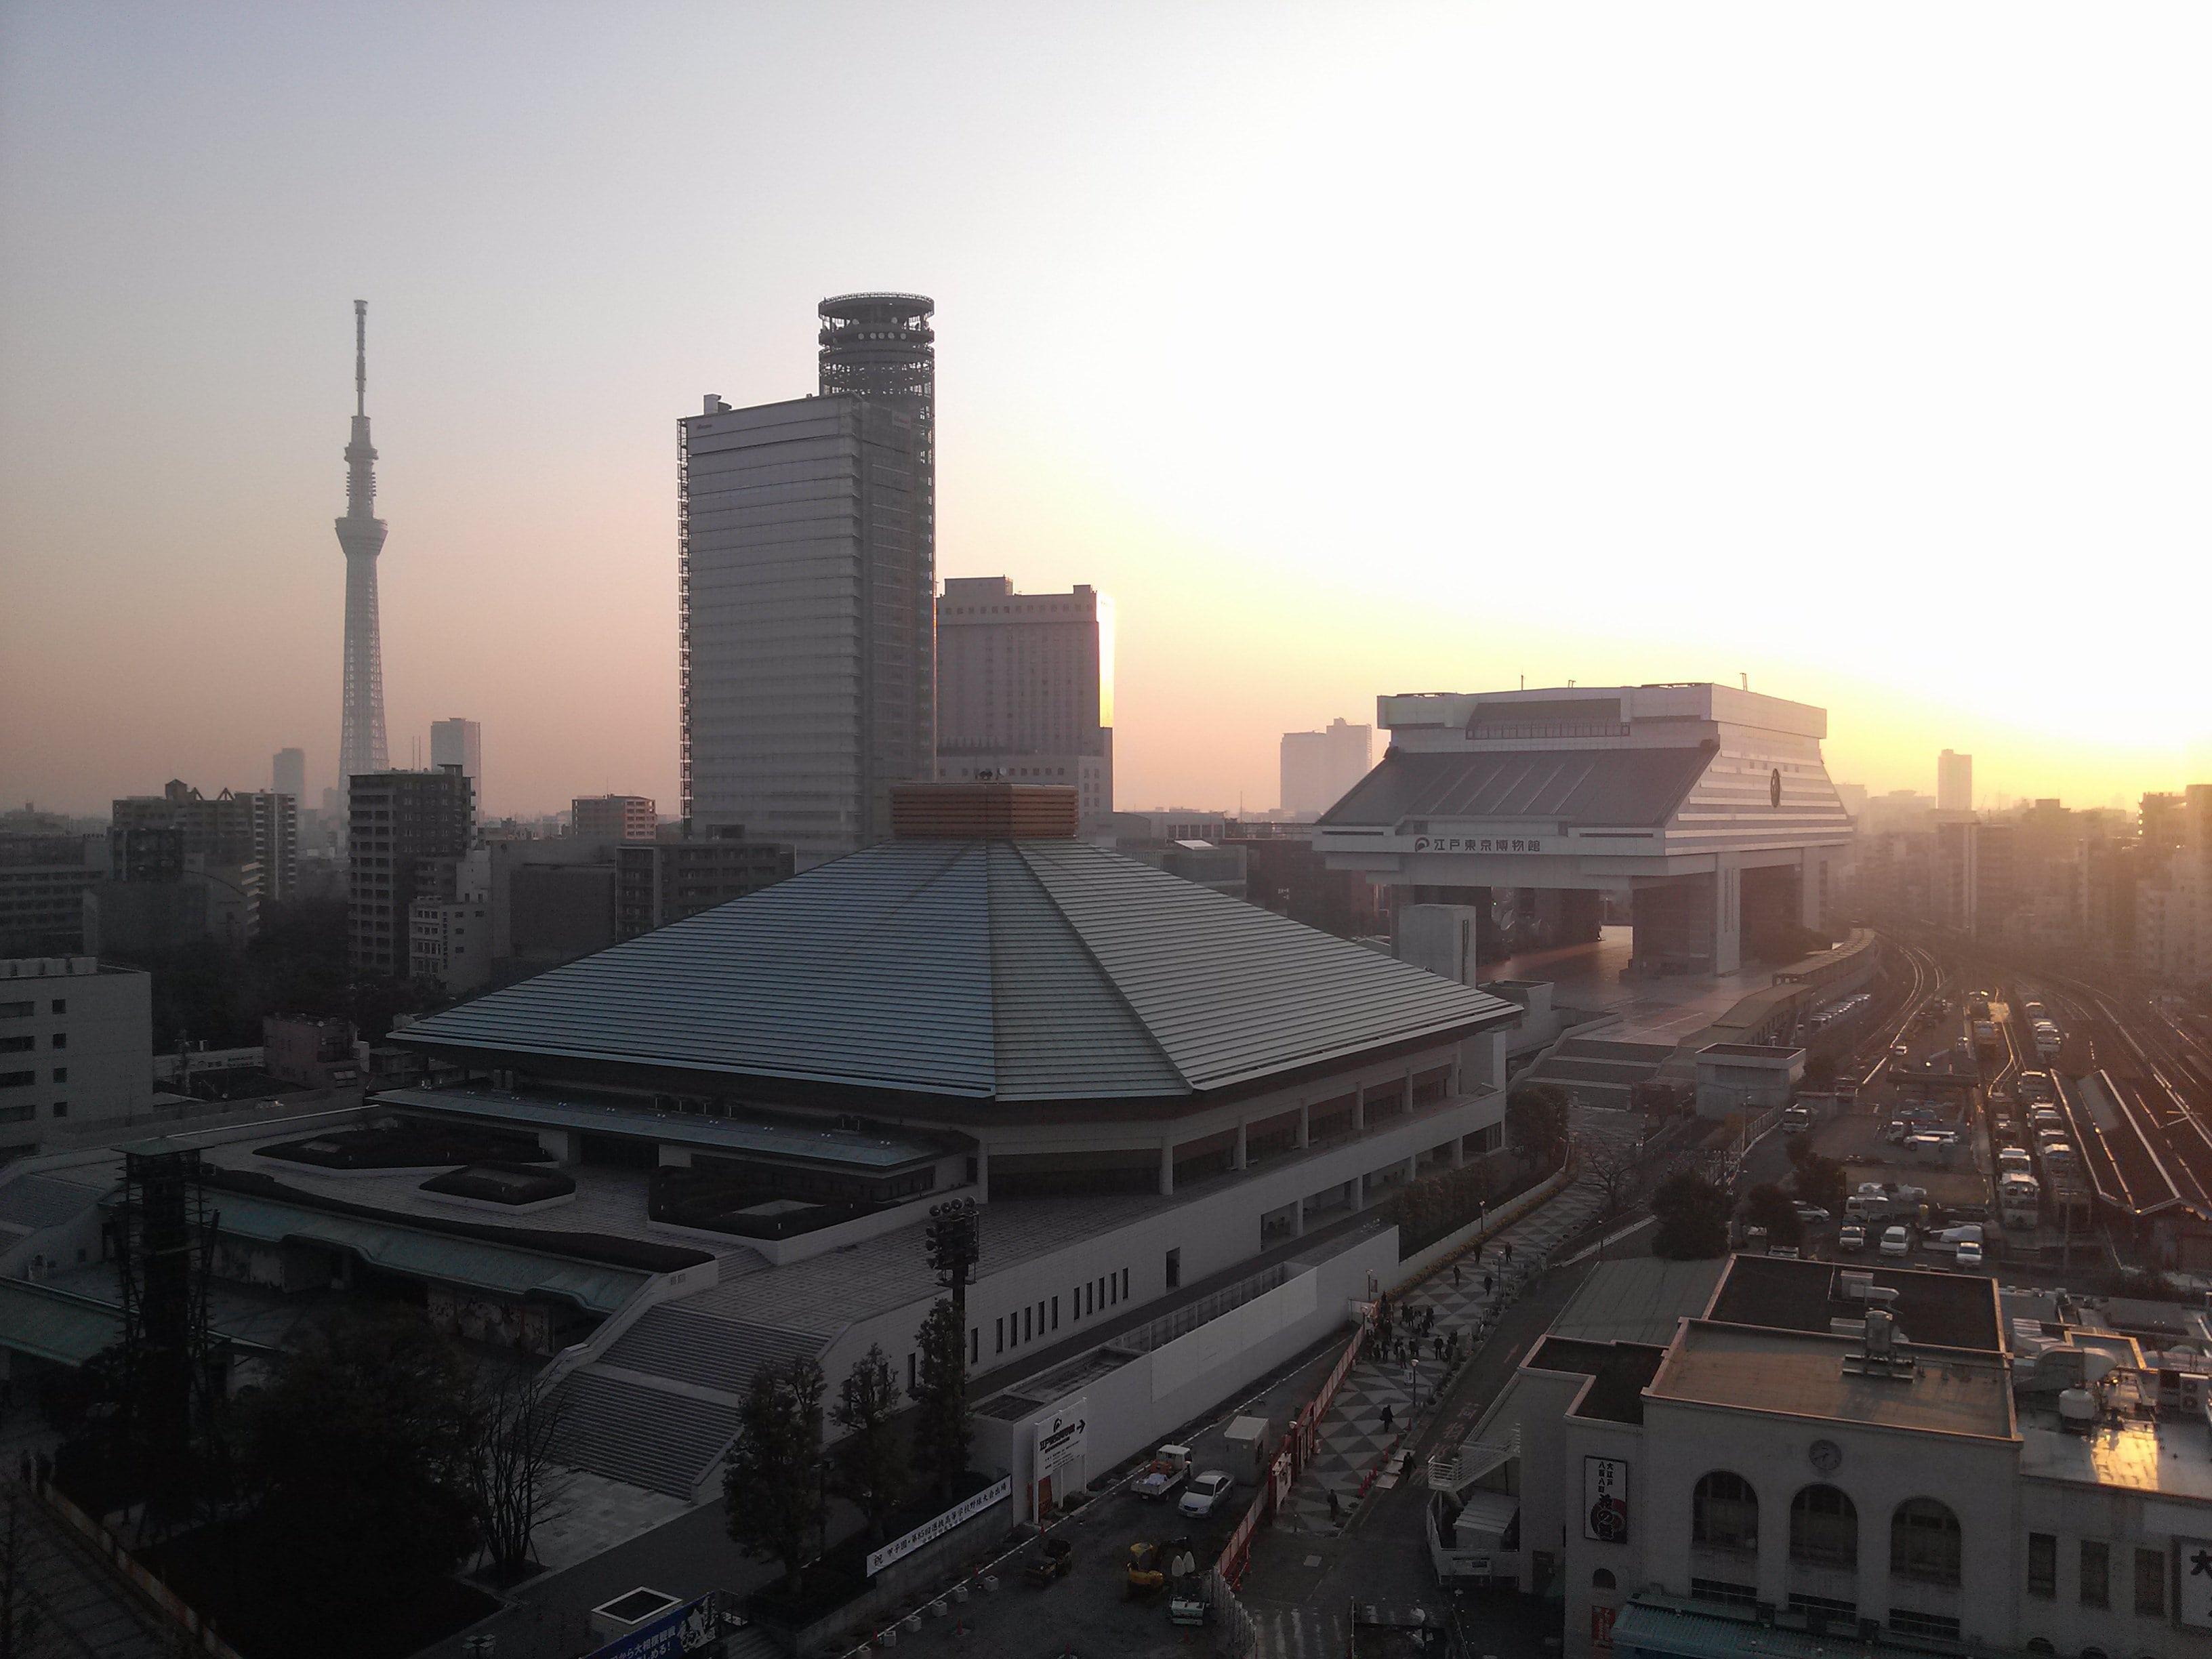 Outside view of Ryogoku Kokugikan Sumo Arena